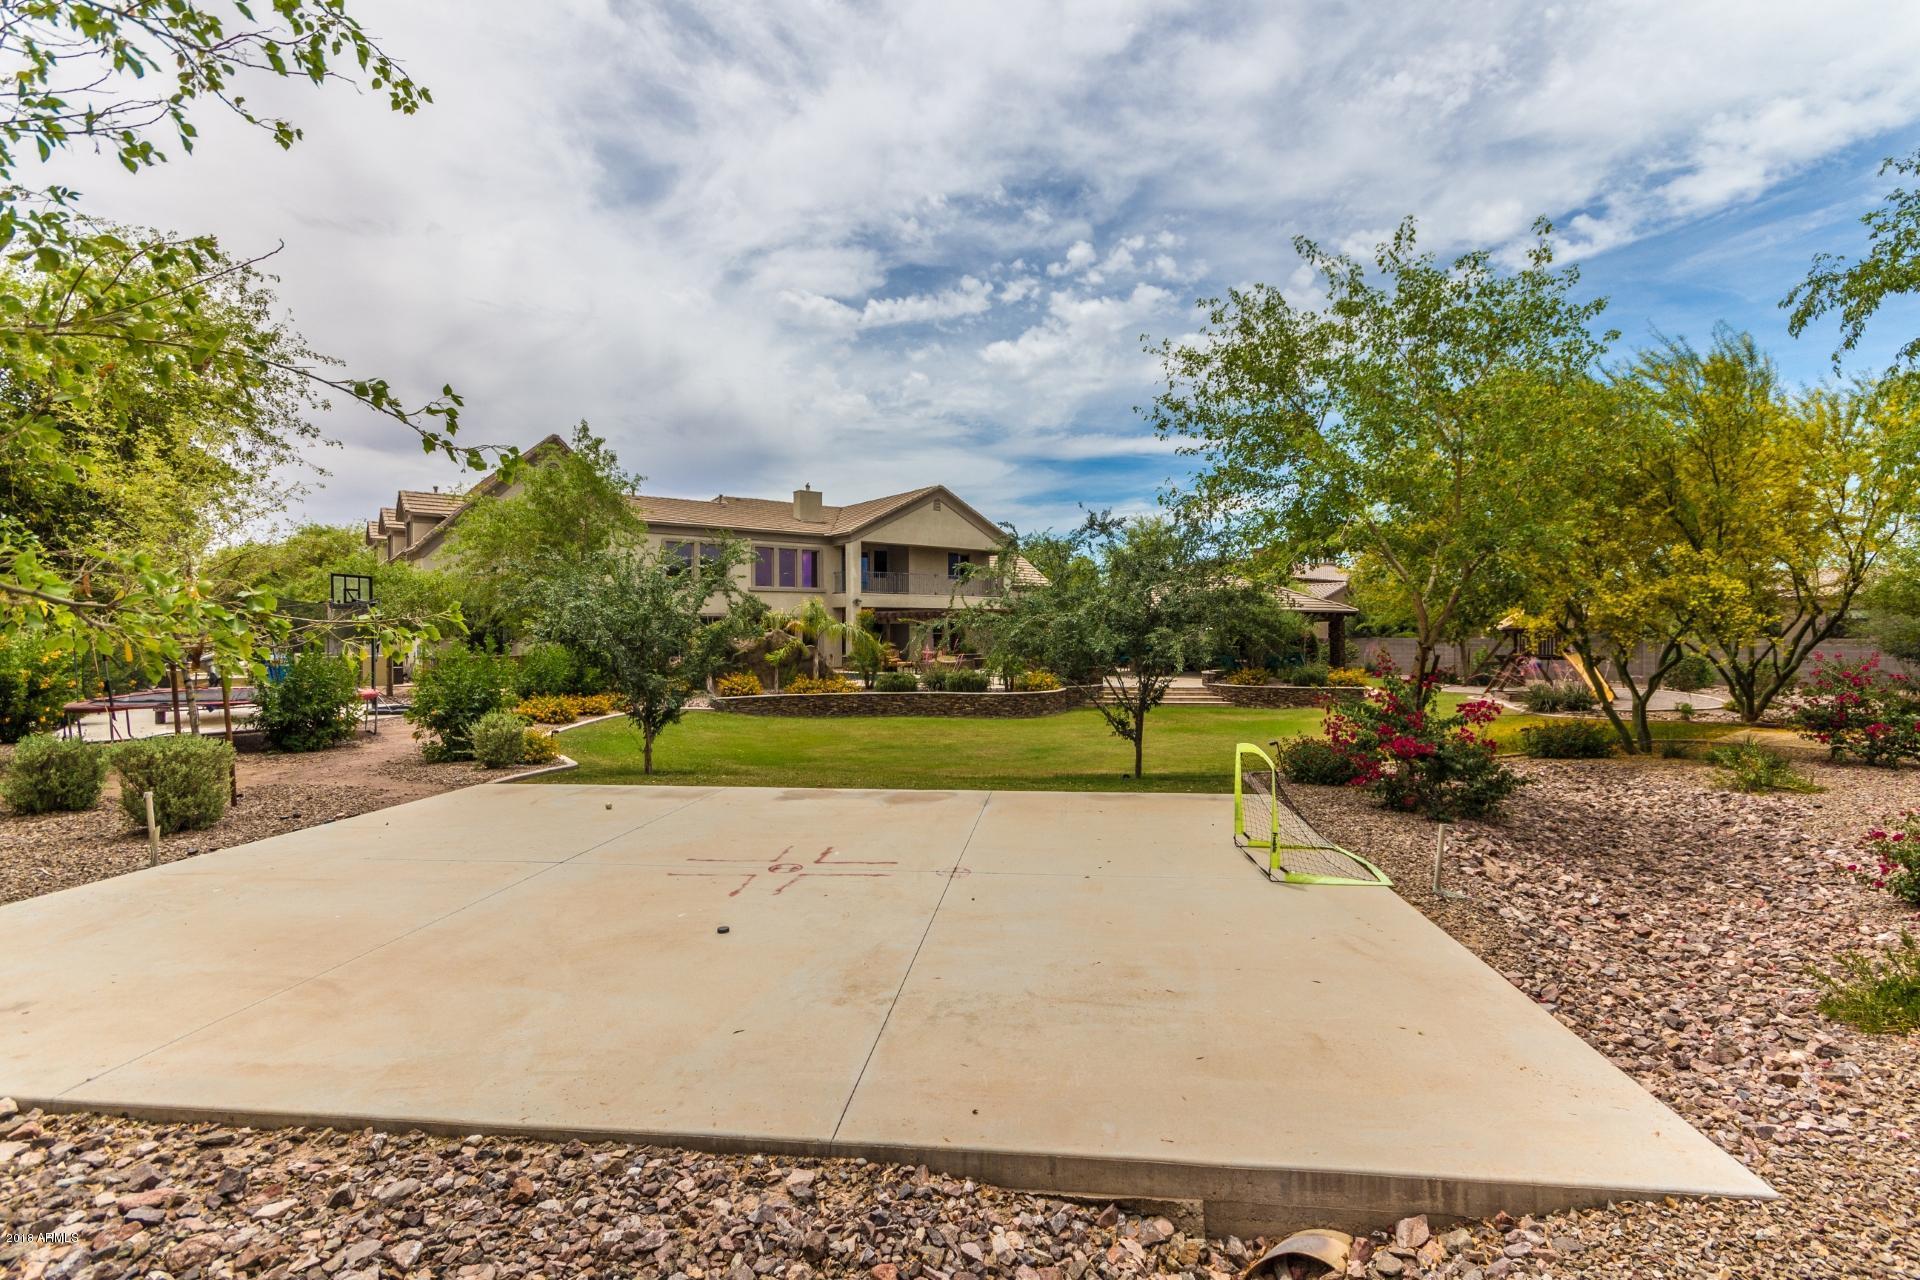 MLS 5763380 2052 E SANOQUE Boulevard, Gilbert, AZ 85298 Gilbert AZ Mountain View